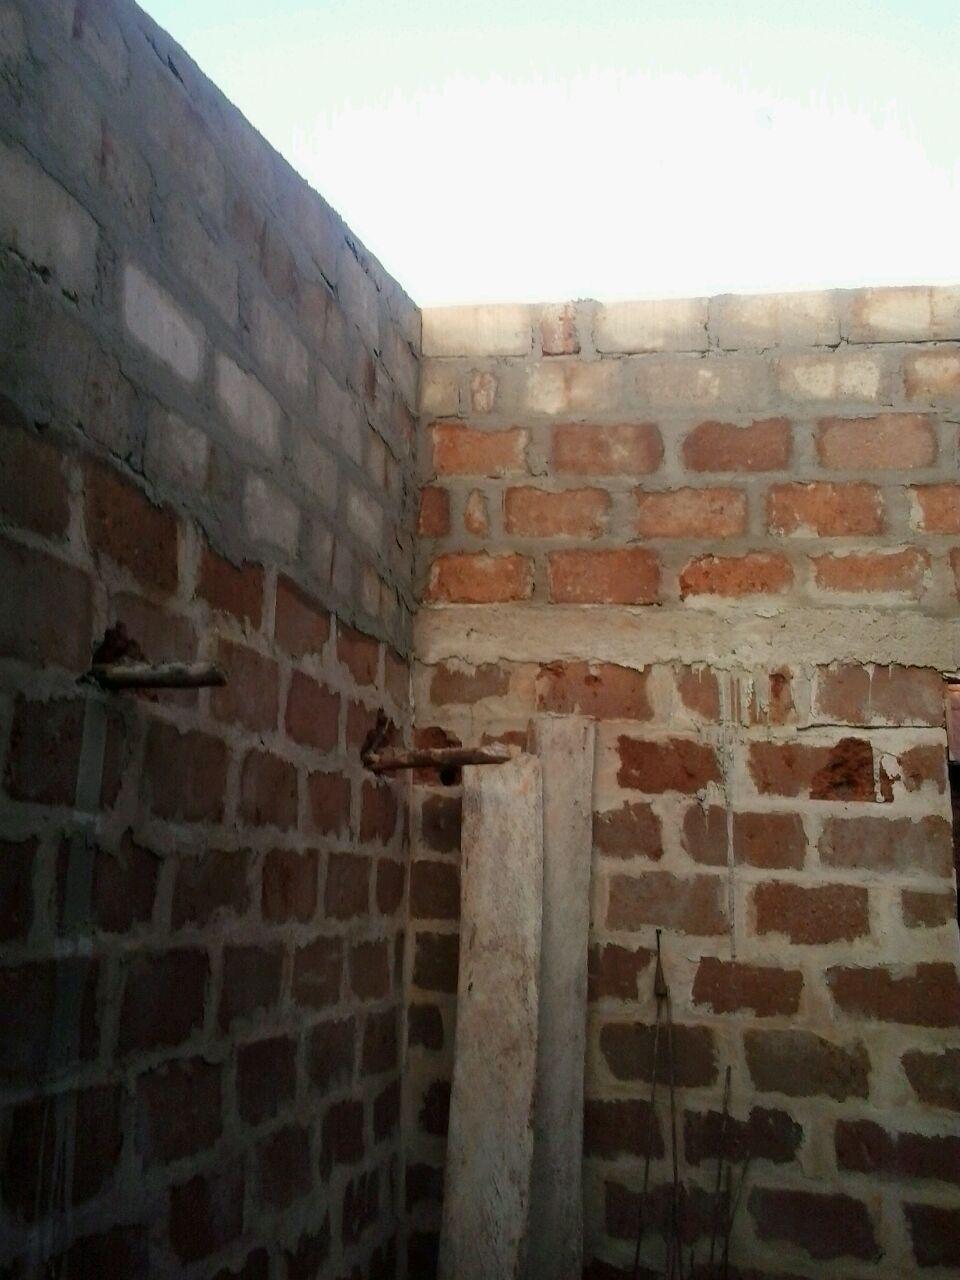 Ouidah, Hammer, Venzago, Benin, Voodoo. Hammer Auktionen